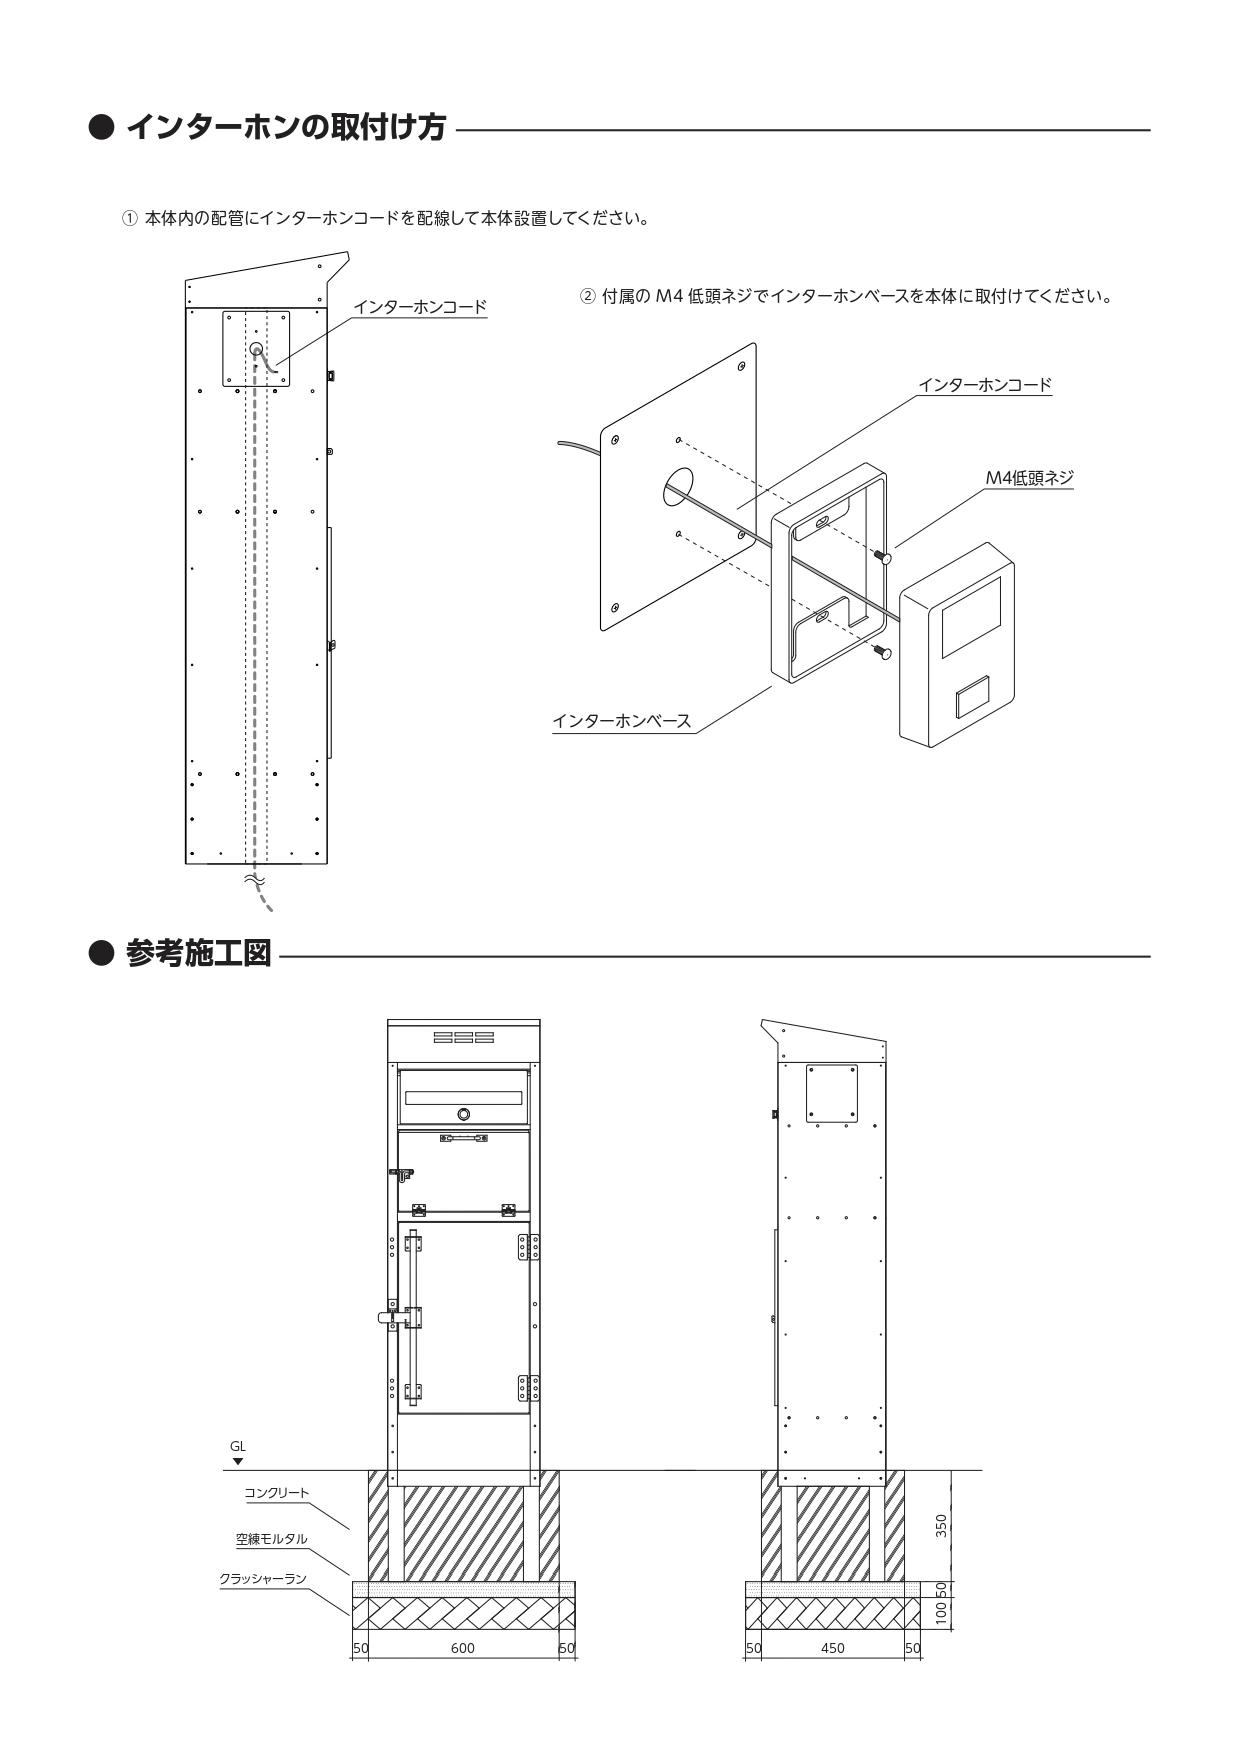 ロッキン 施工説明書_page-0006